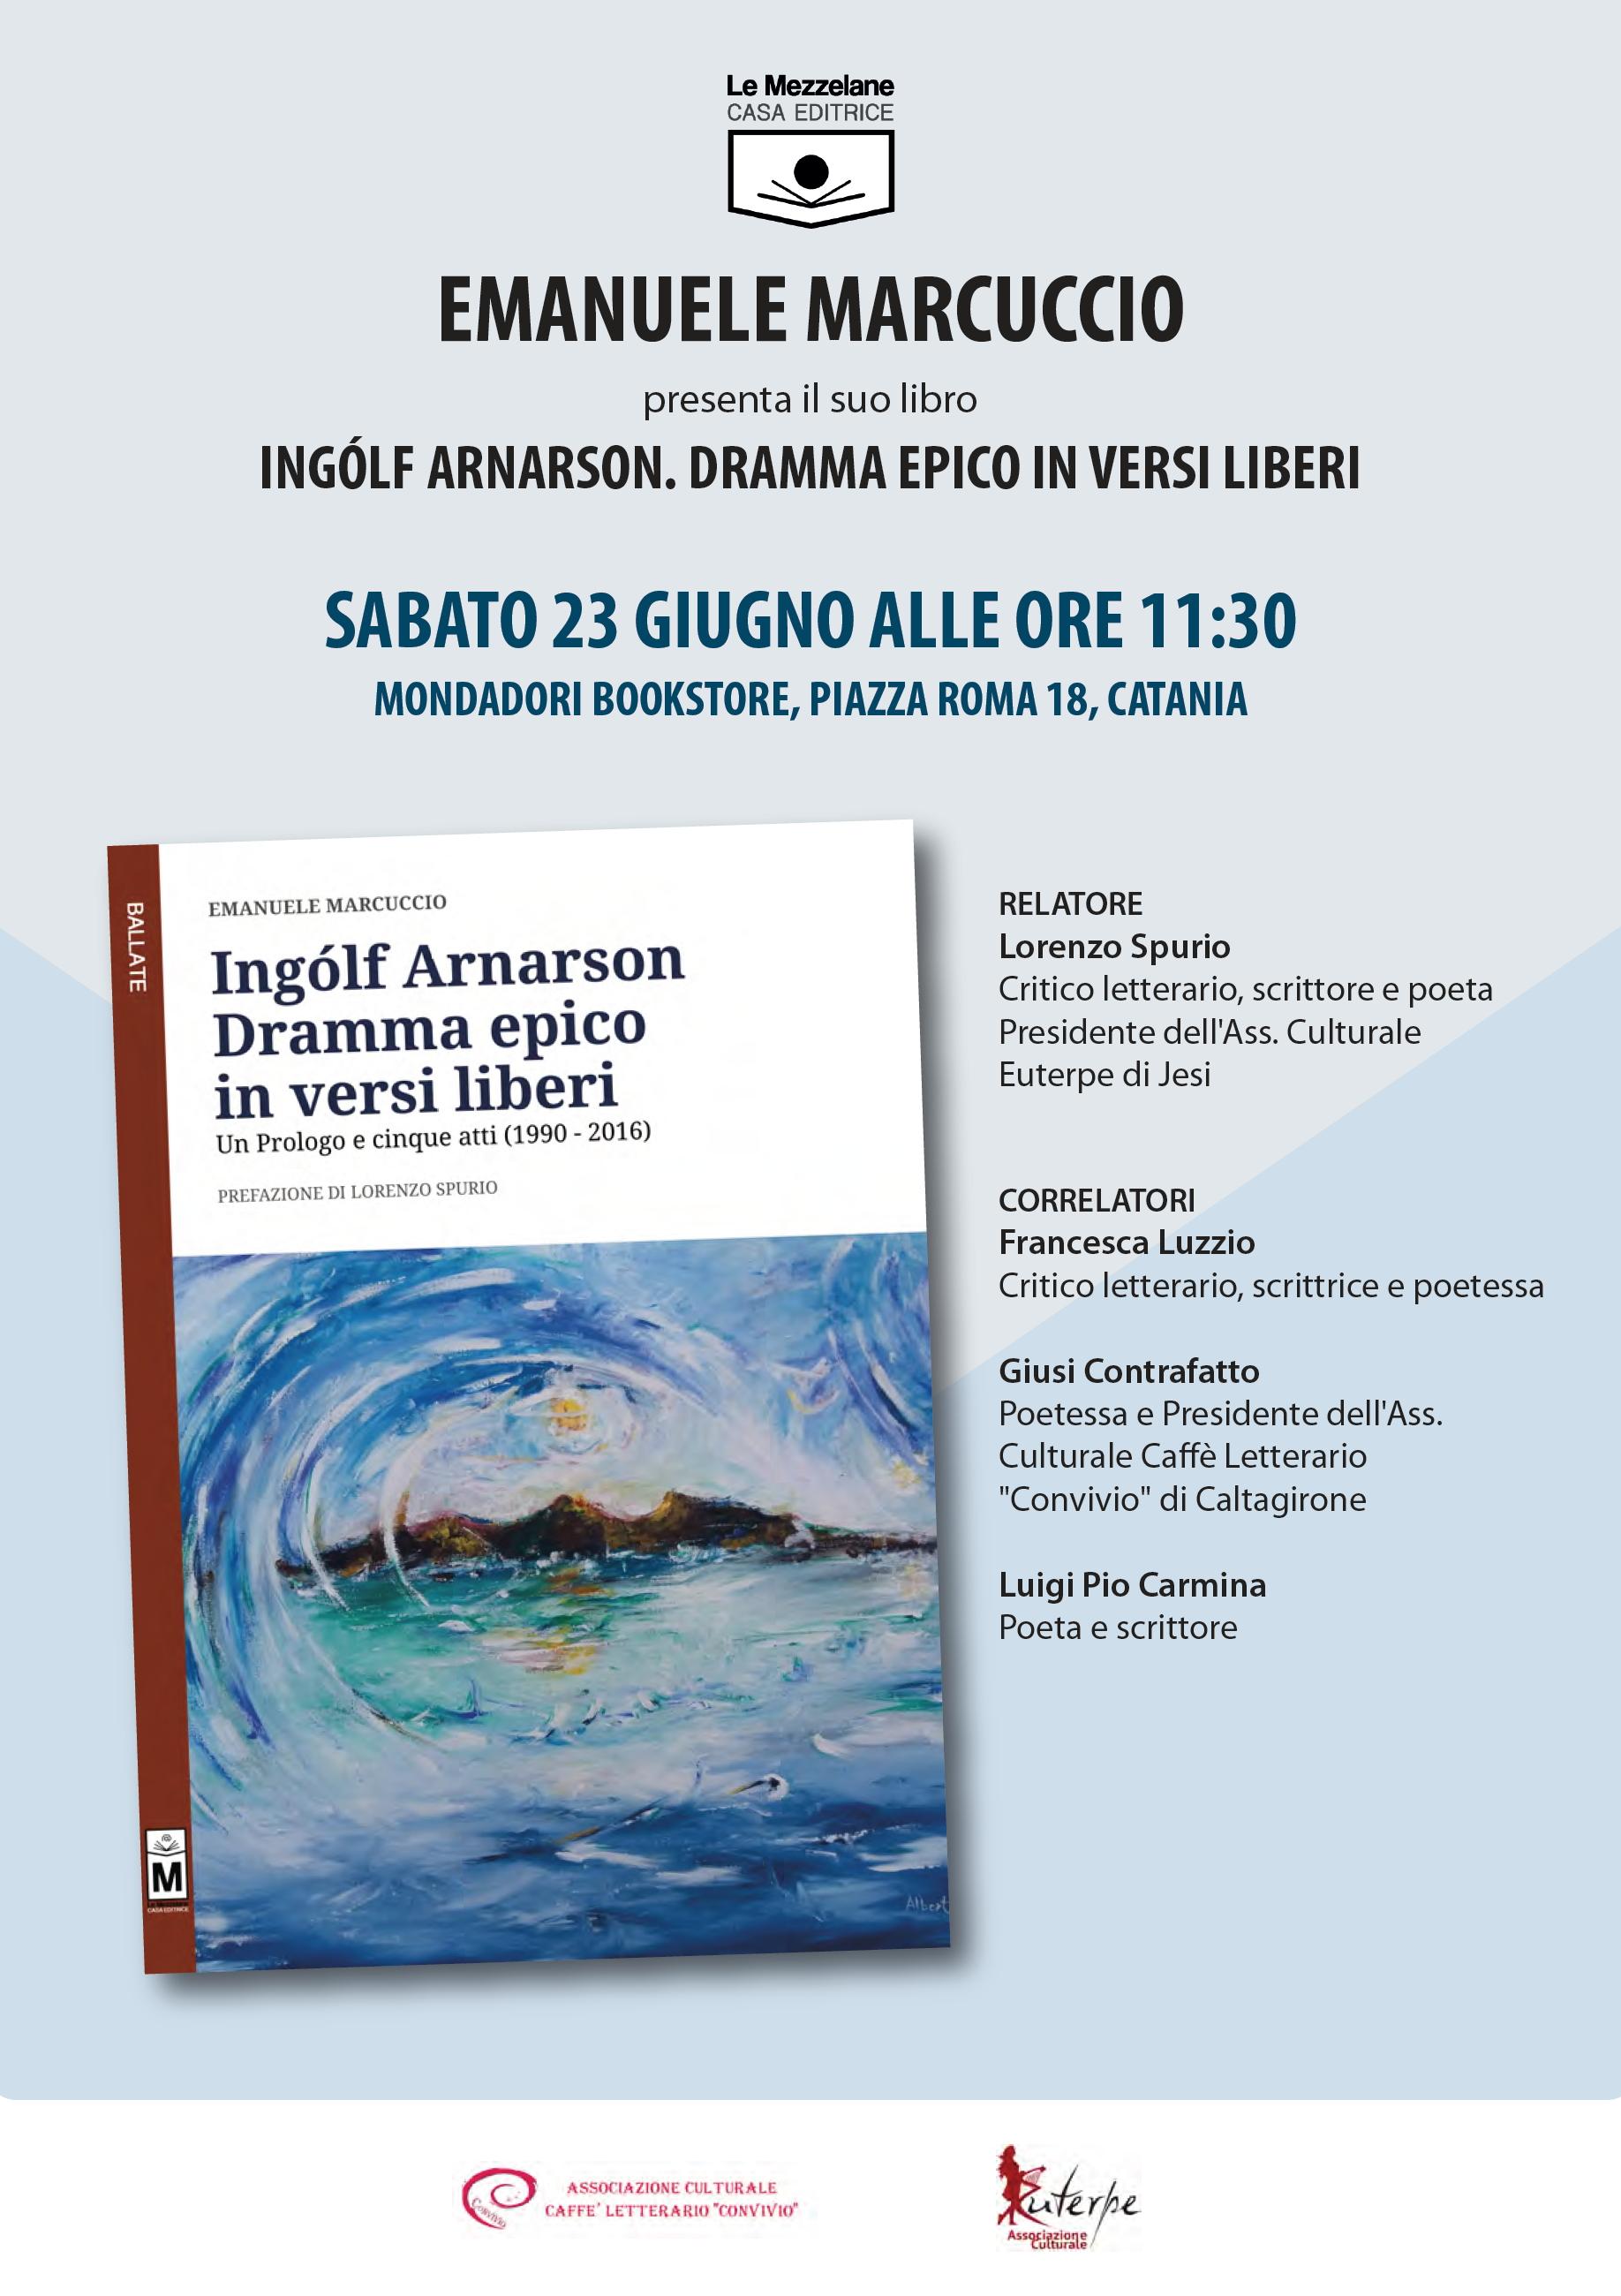 Ingólf Arnarson – Dramma epico in versi liberi. La presentazione a Catania.